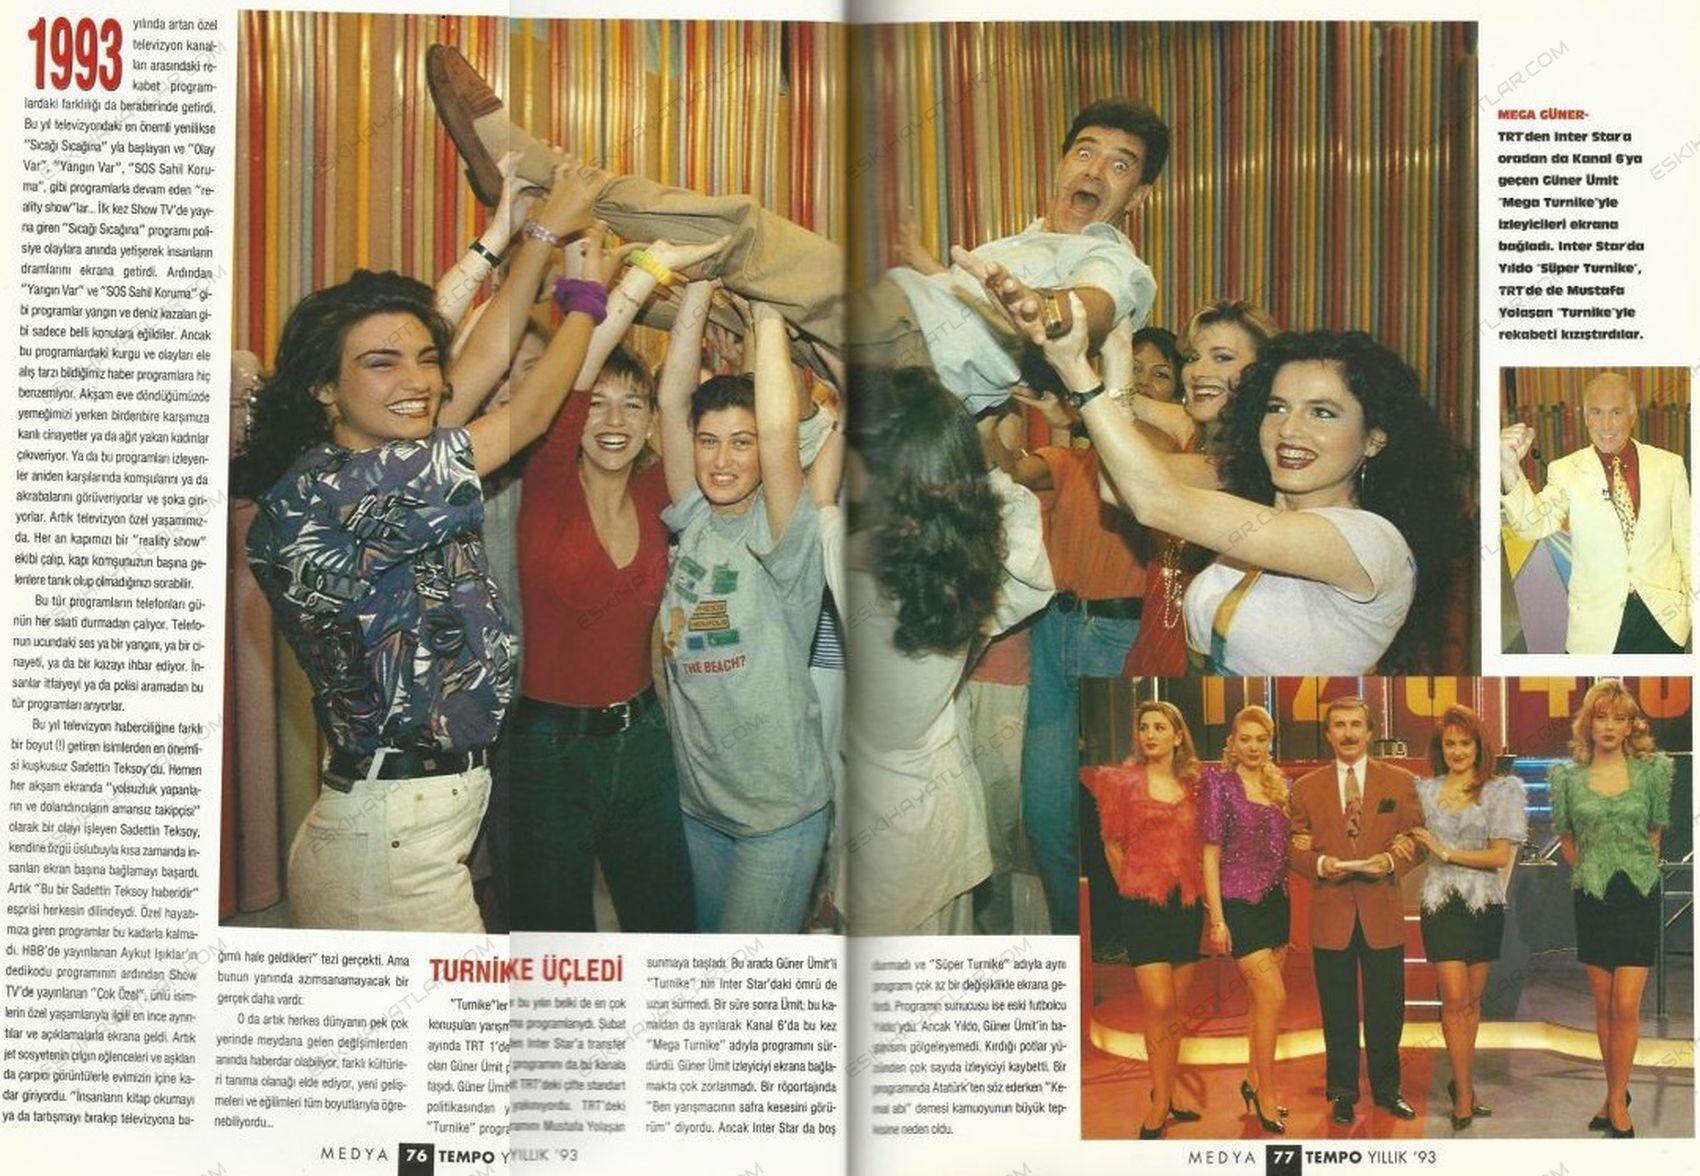 0213-doksanlarda-yayinlanan-tv-programlari-sadettin-teksoy-super-turnike-guner-umit-tempo-dergisi (1)